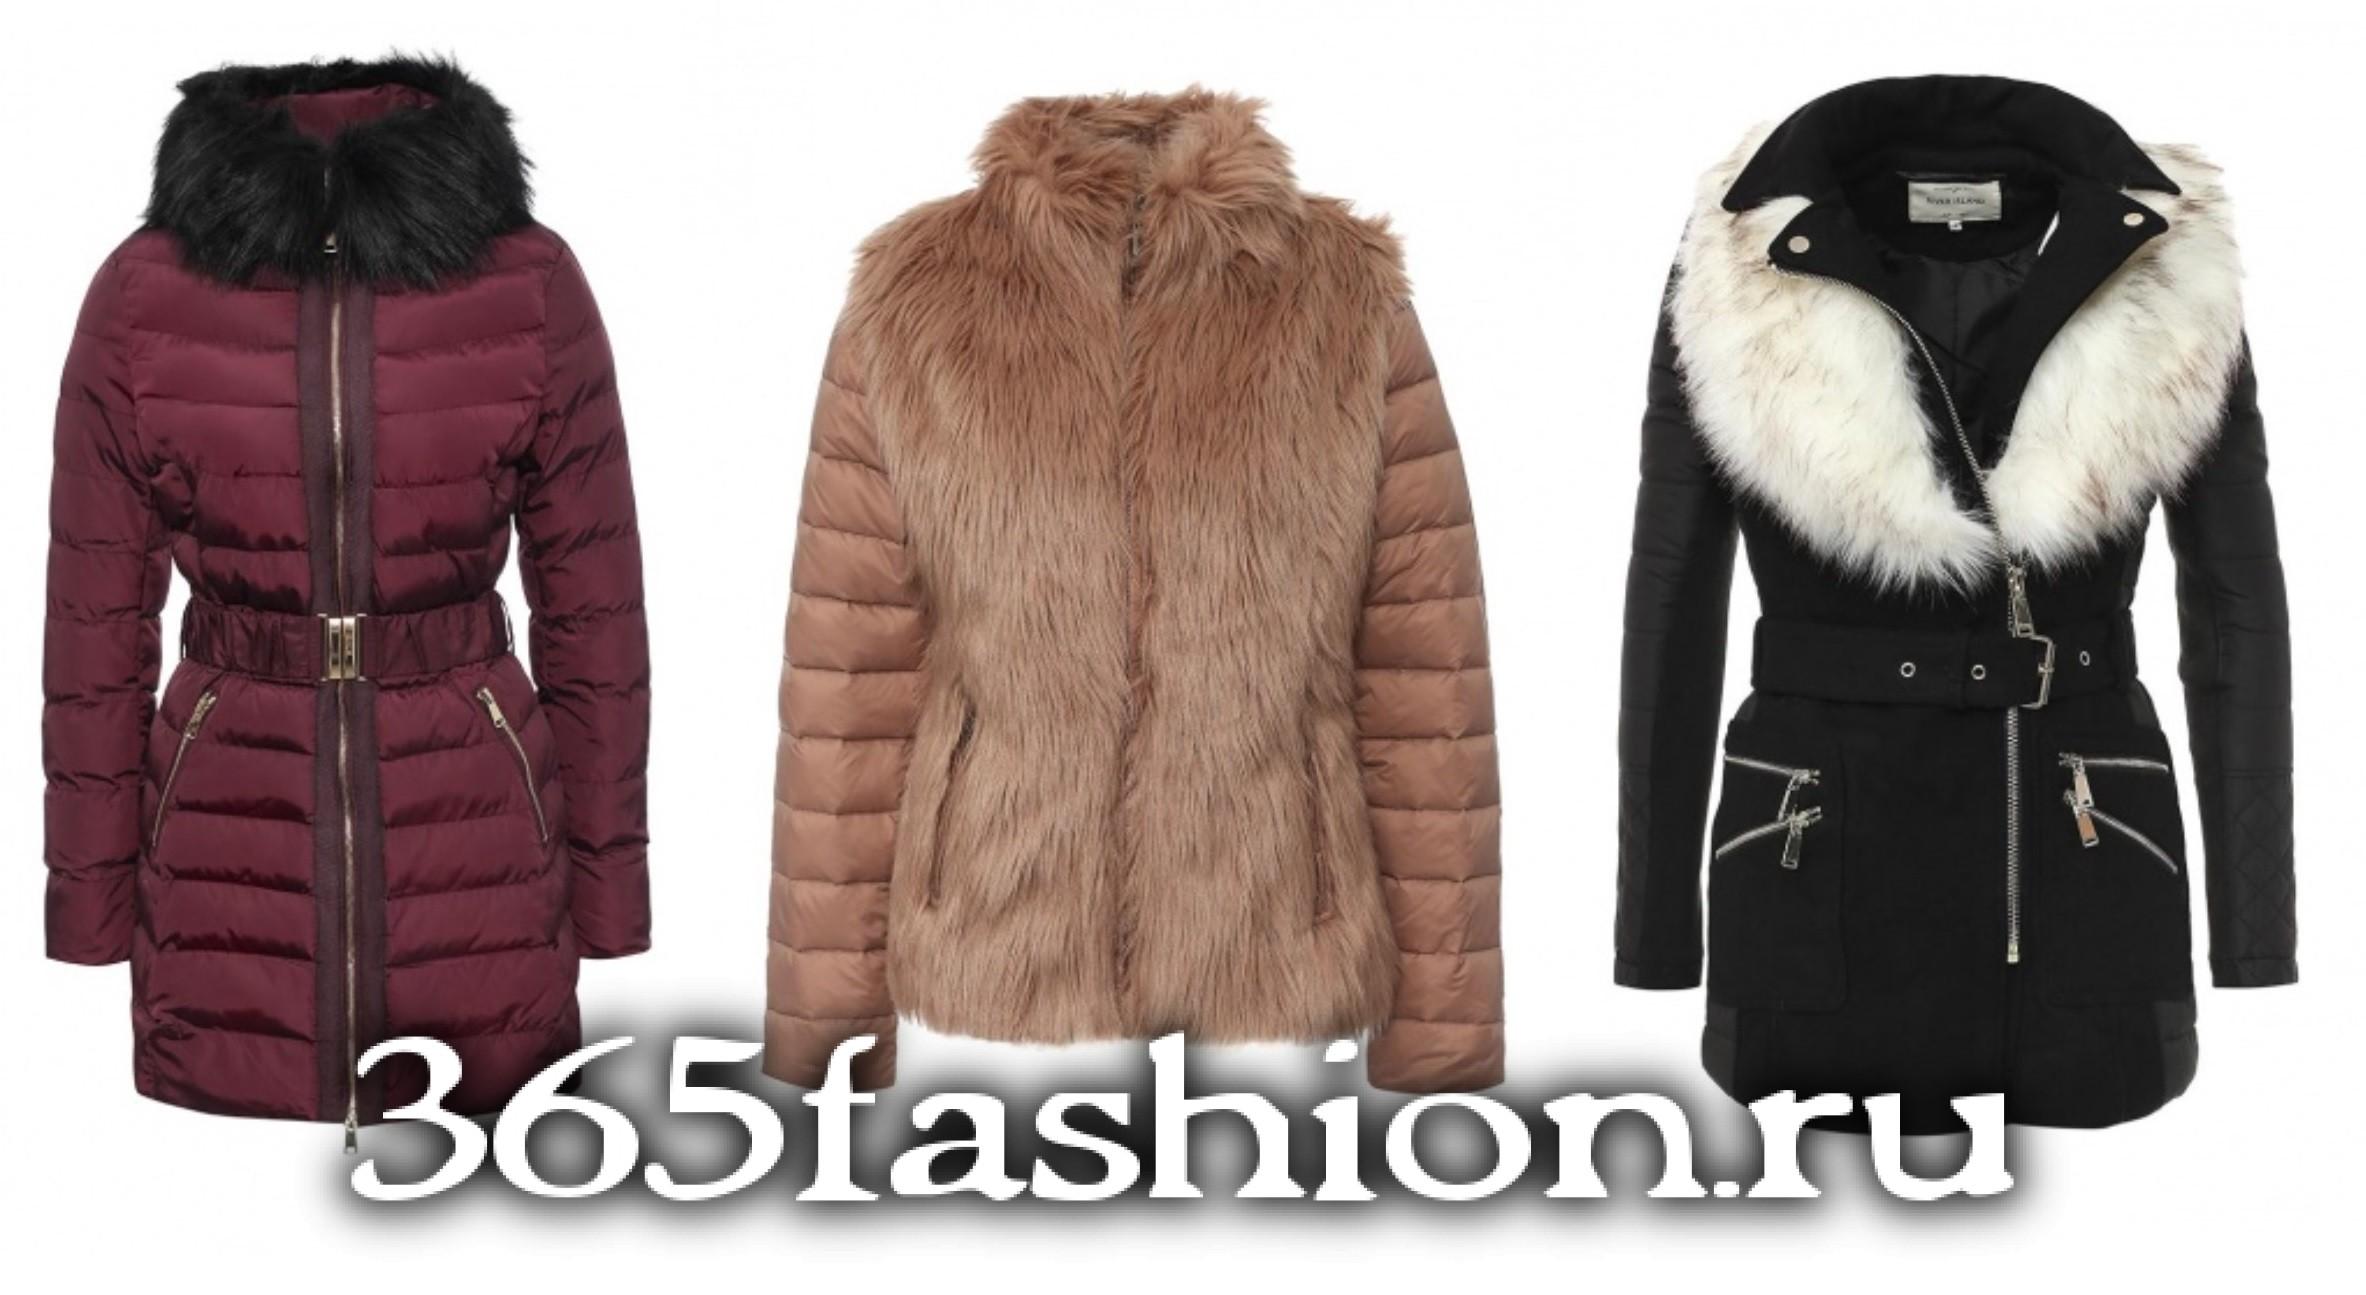 a488ebc7dc Az őszi-téli szezon megközelítésével sok nő divatos kabátot szed a  2017-2018 ősz-télre. A modern stílus sokszínűsége lenyűgöző, és számos  tervezési opció ...